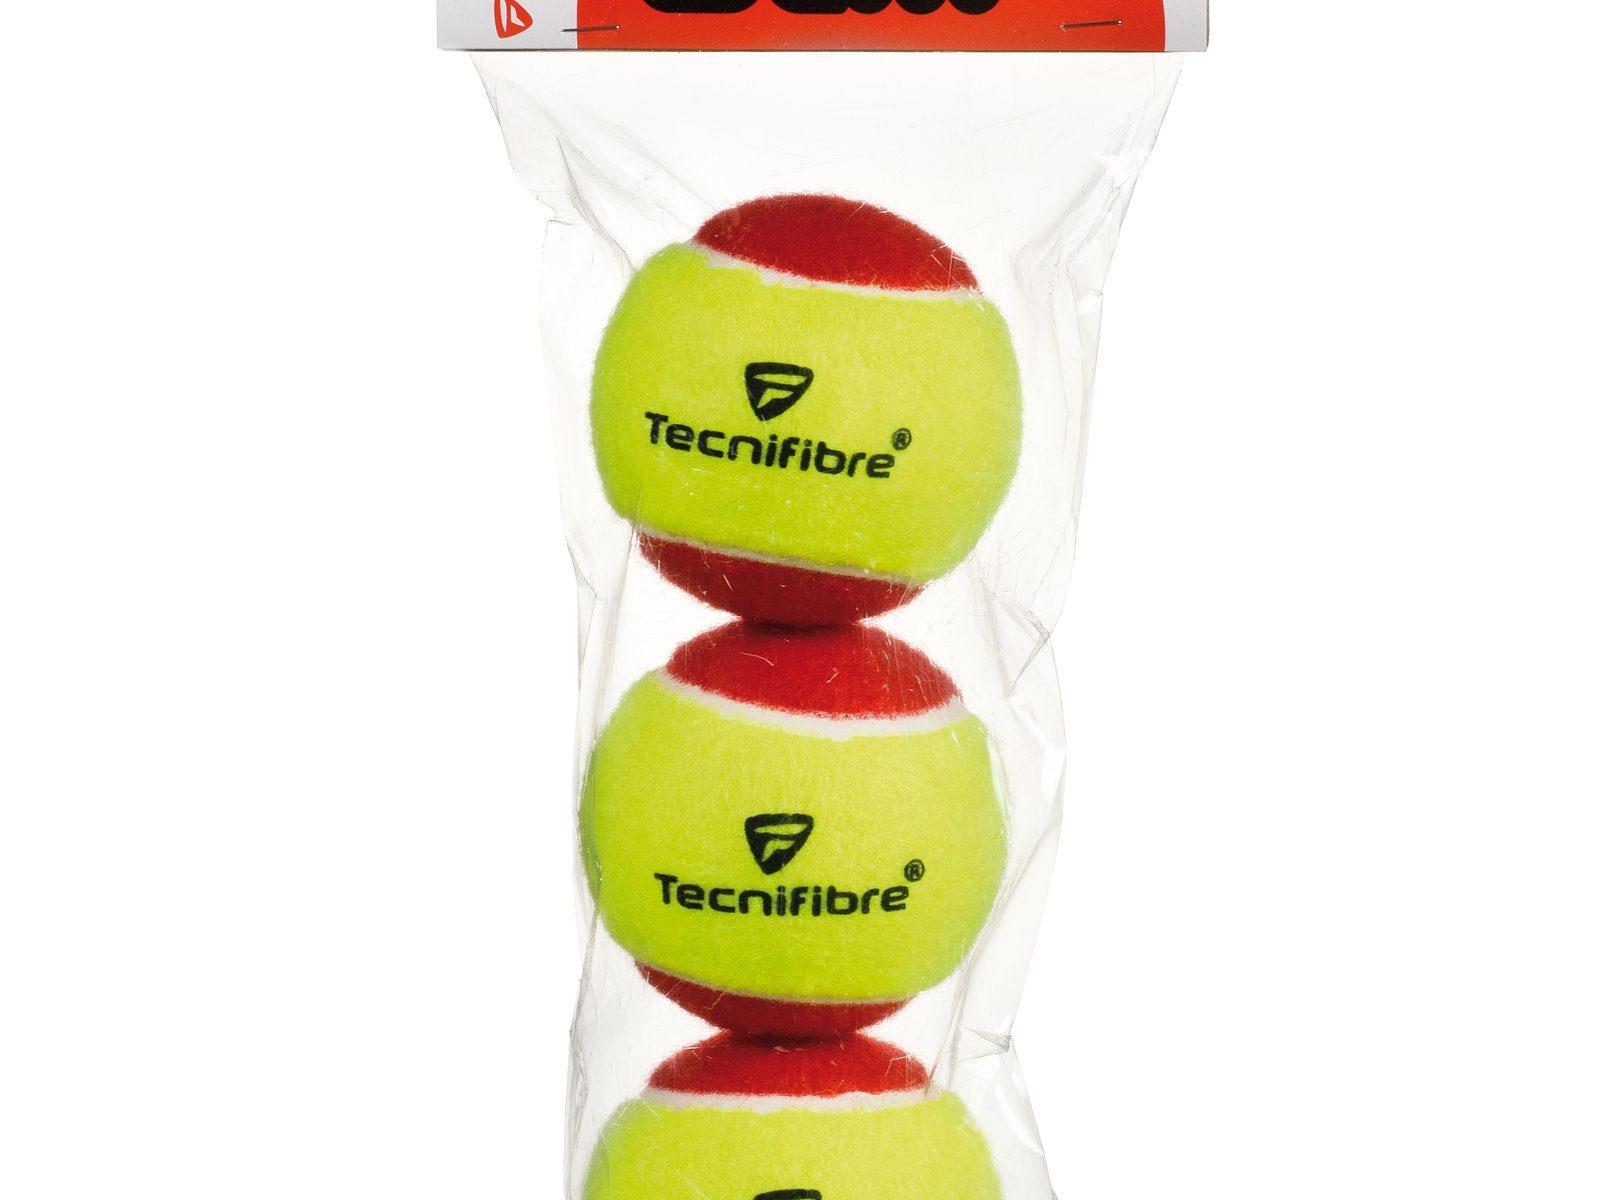 1ed2c779014 Home   Shop   Tecnifibre Tennis and Squash   Tennis Balls   Tecnifibre TF My  New Ball (Felt – 75% reduced) Tennis 3 Ball Pack